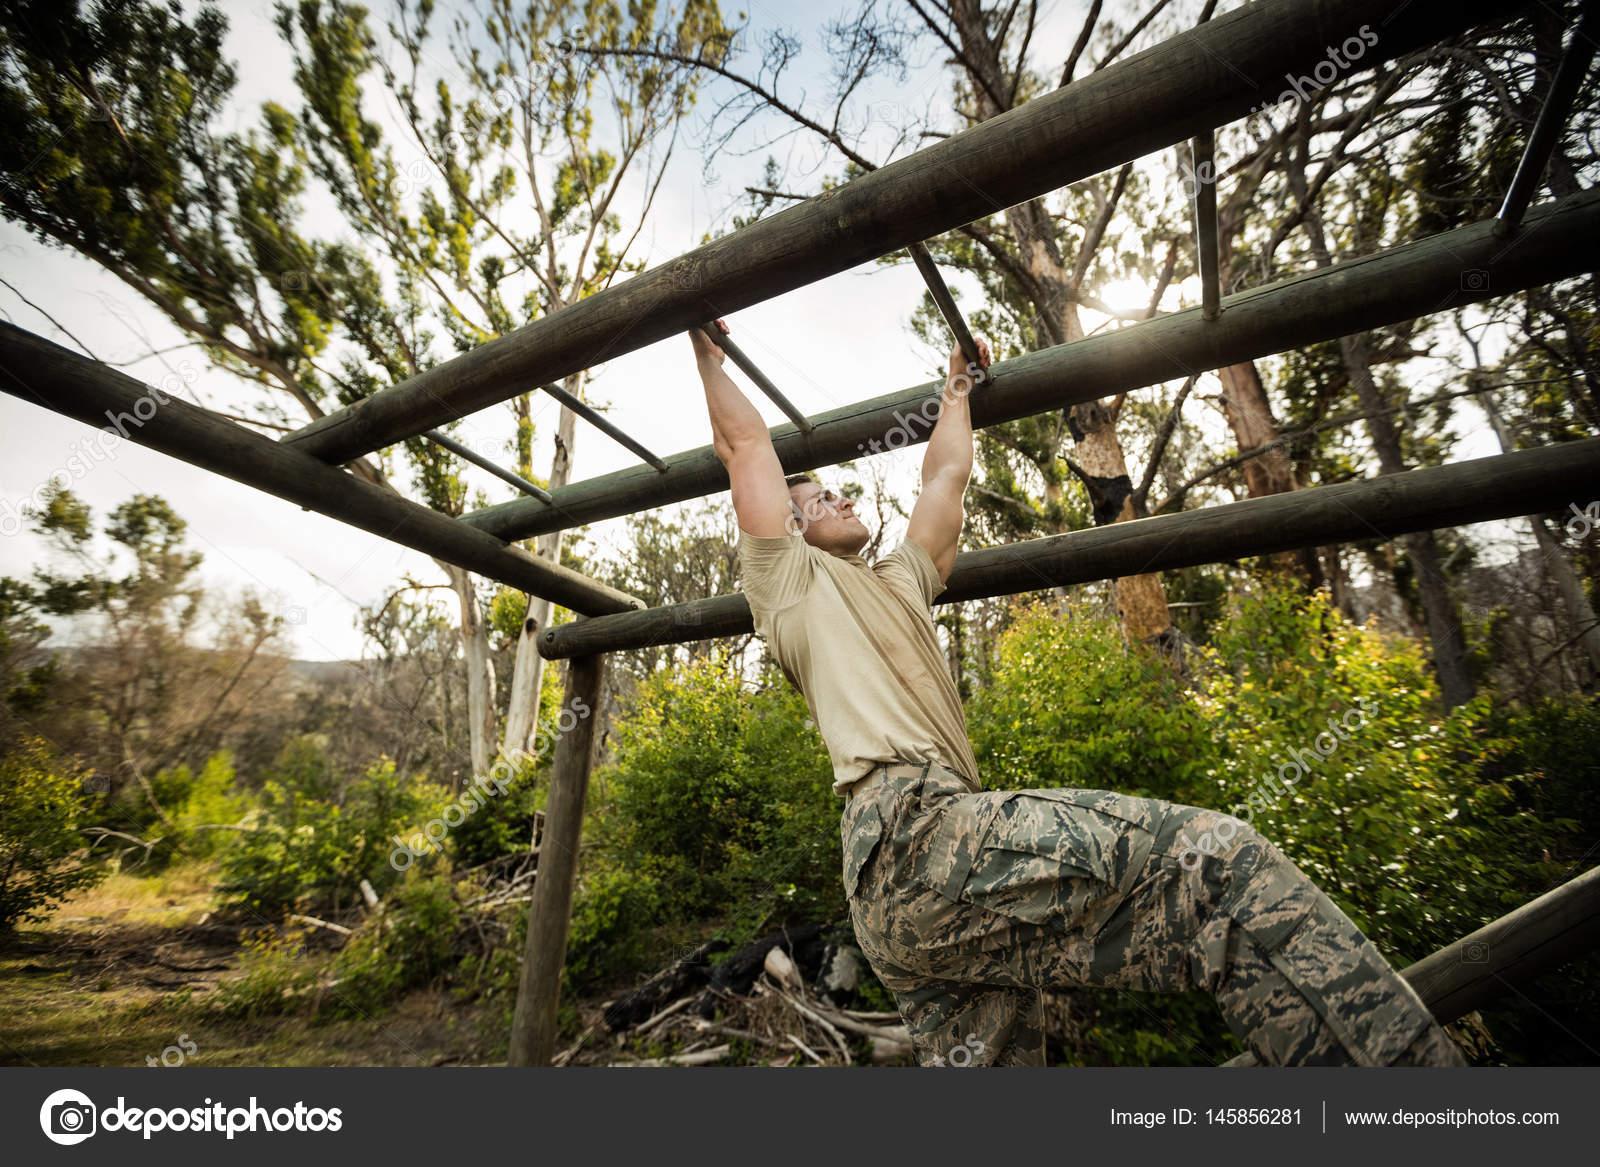 Klettergerüst Aus Reifen : Soldat klettern klettergerüst u stockfoto wavebreakmedia